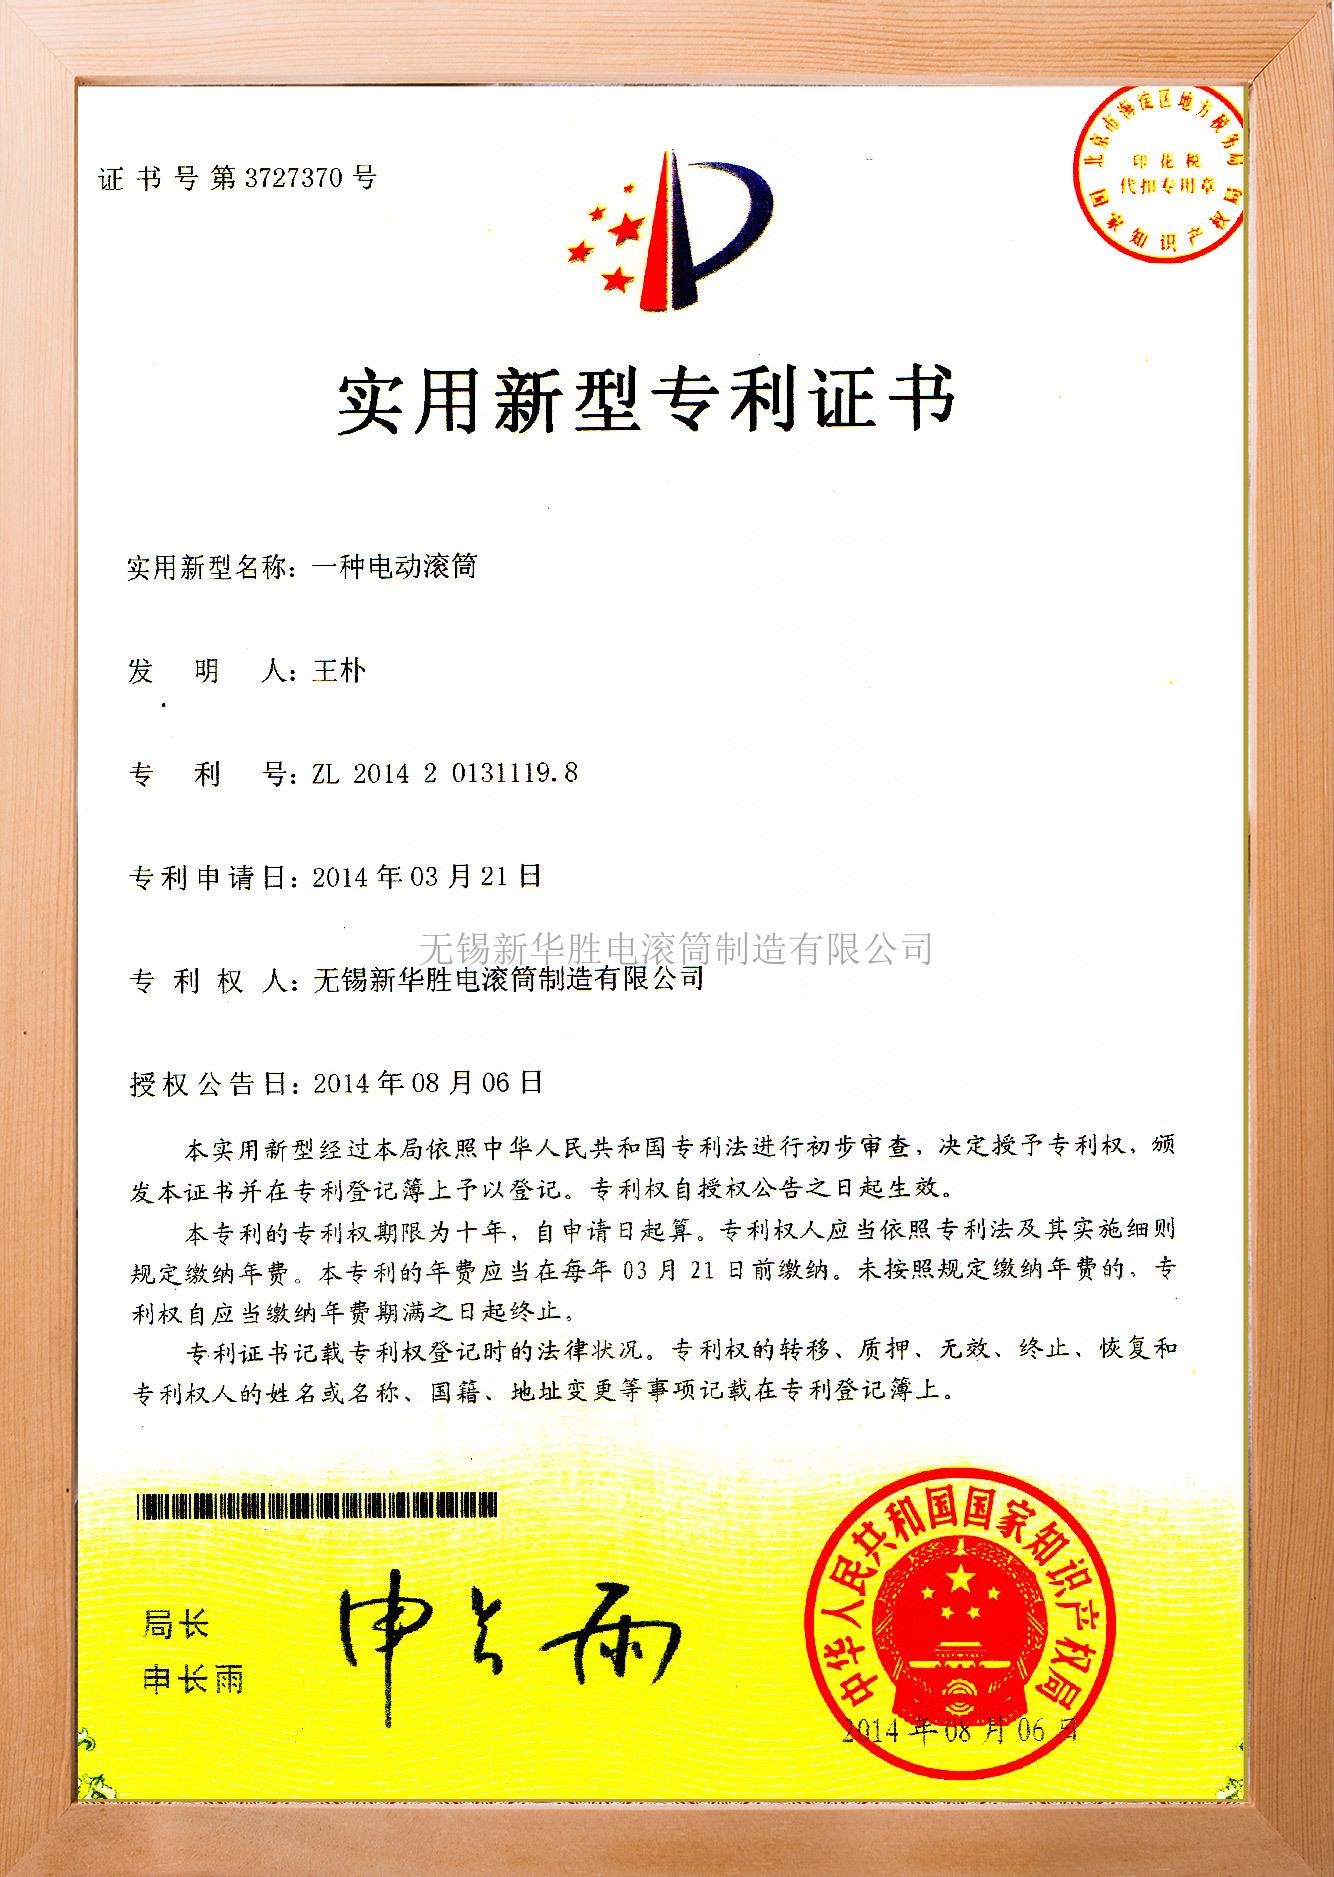 電動滾筒磚利證書 ZL 2014 2 0131119.8